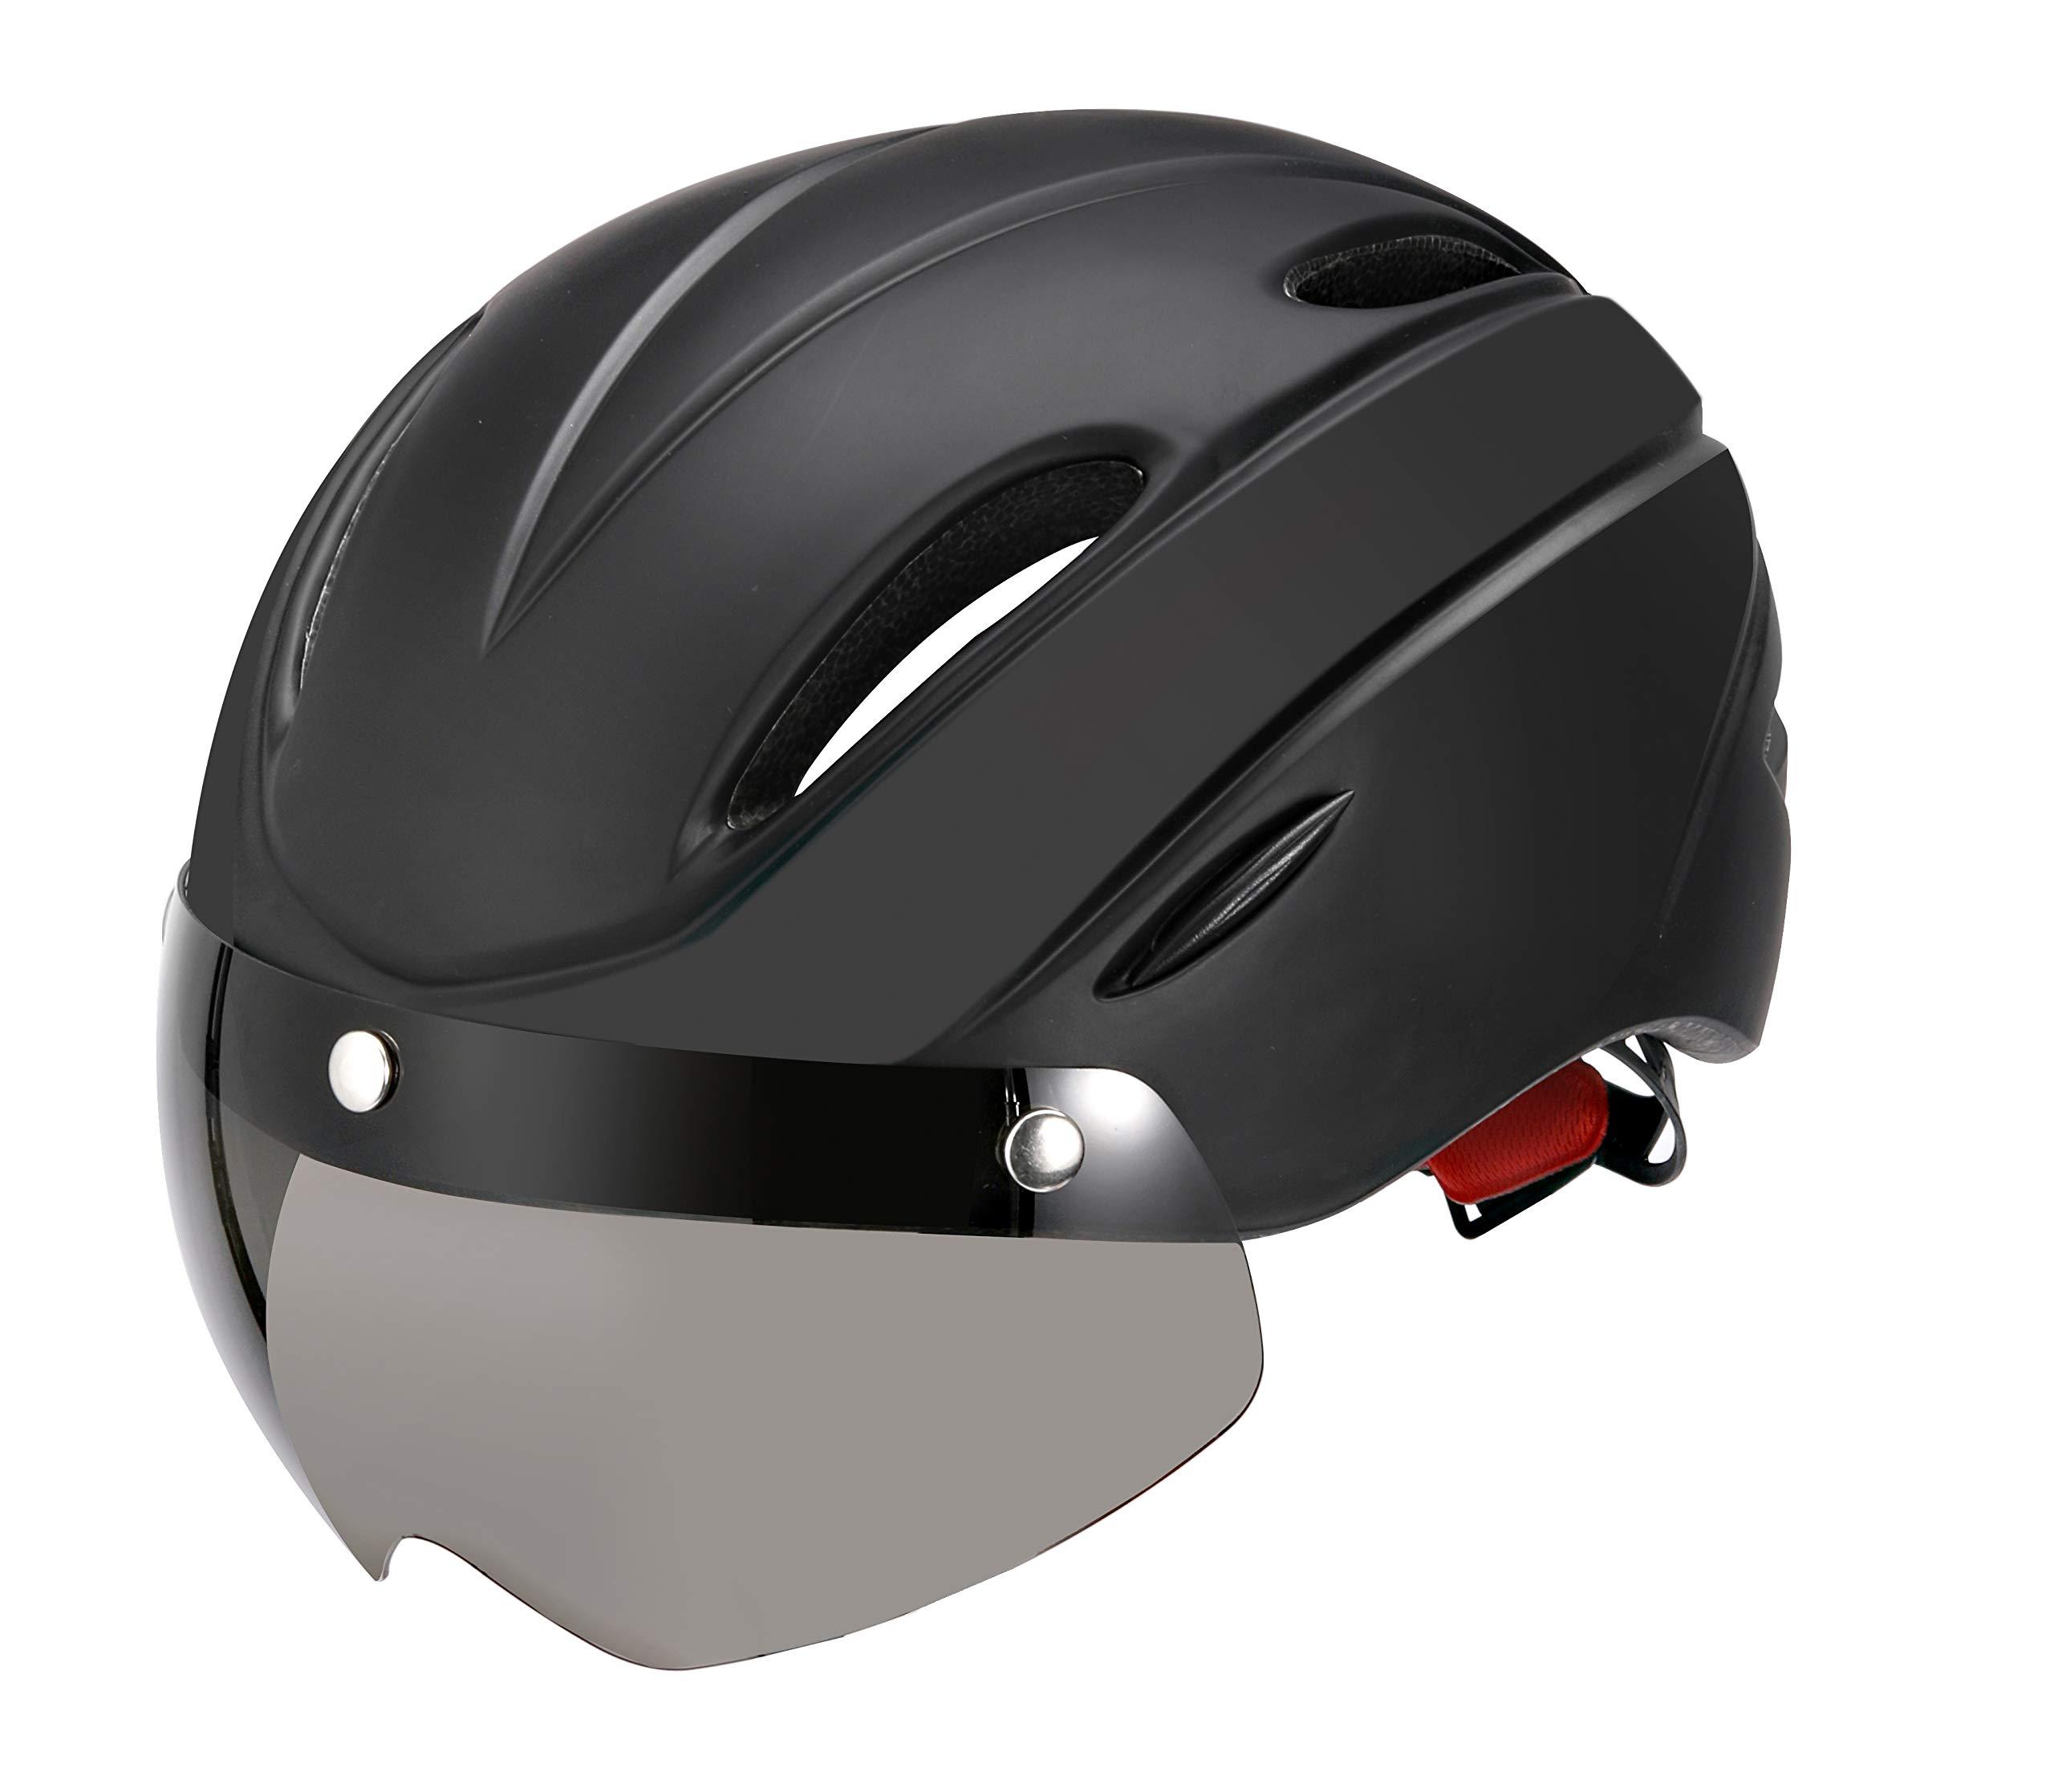 Stylish Protector Adjustable Bicycle Helmets